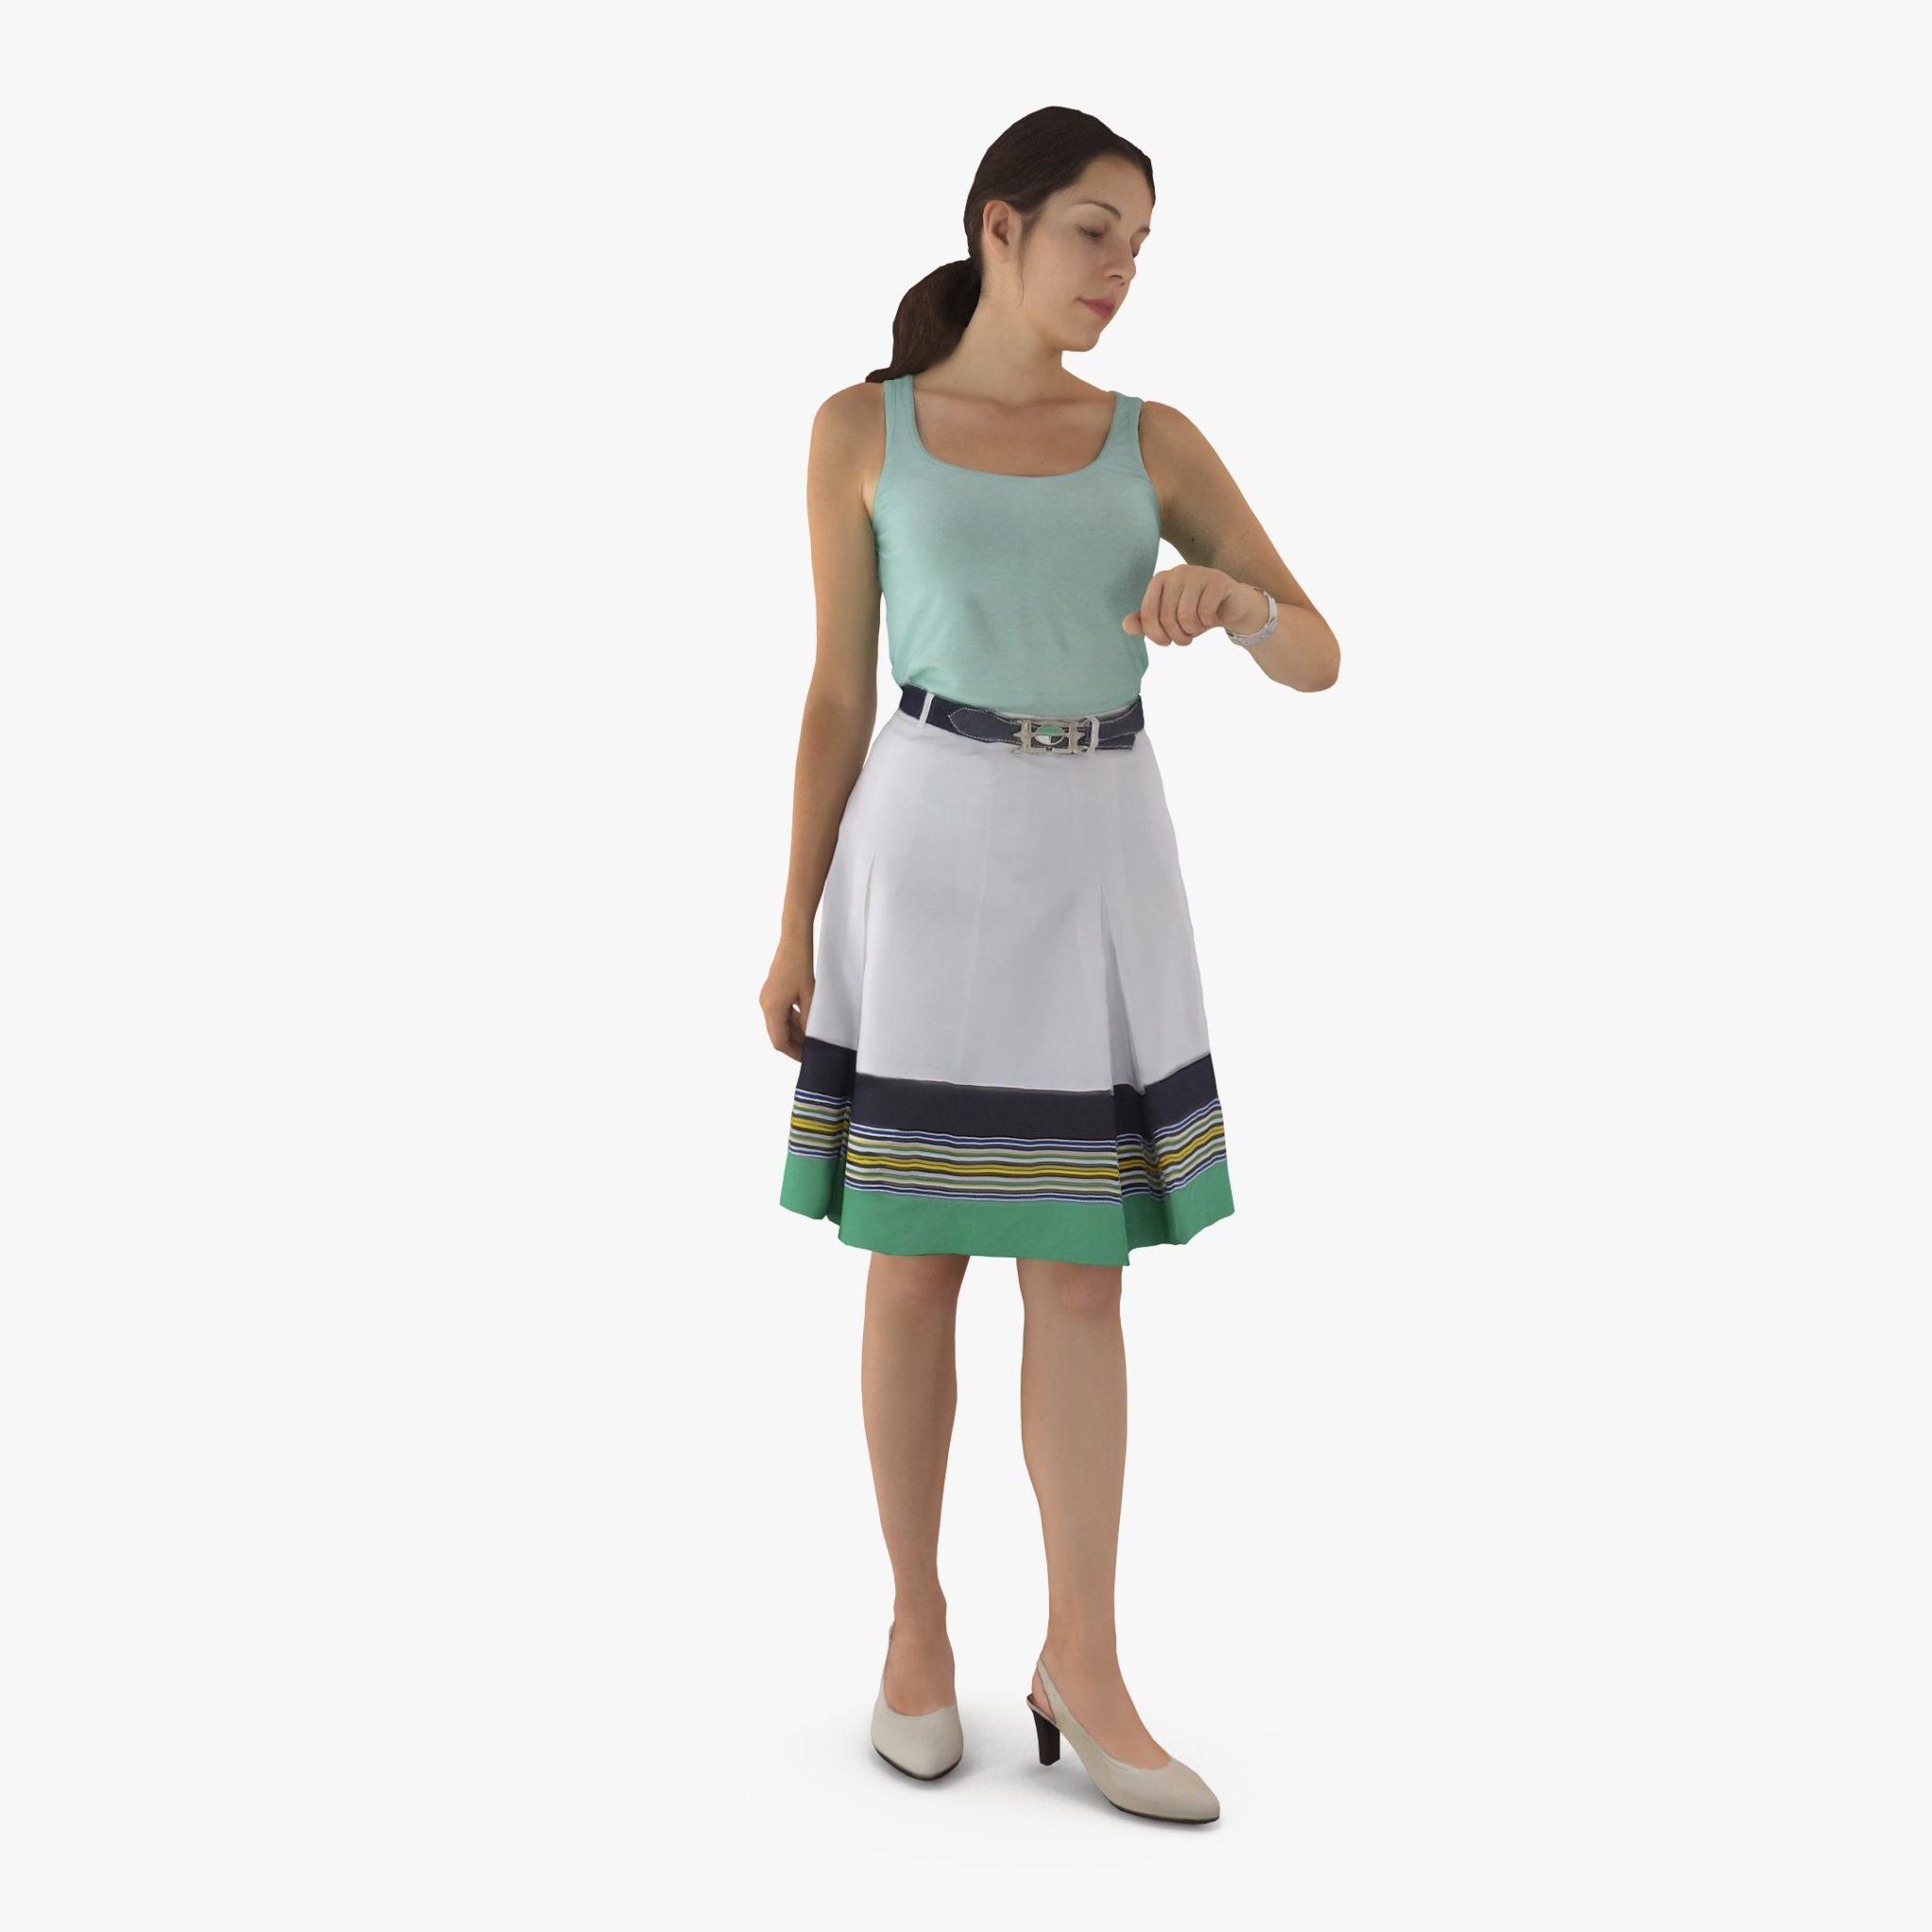 Girl Checking Time 3D Model | 3DTree Scanning Studio